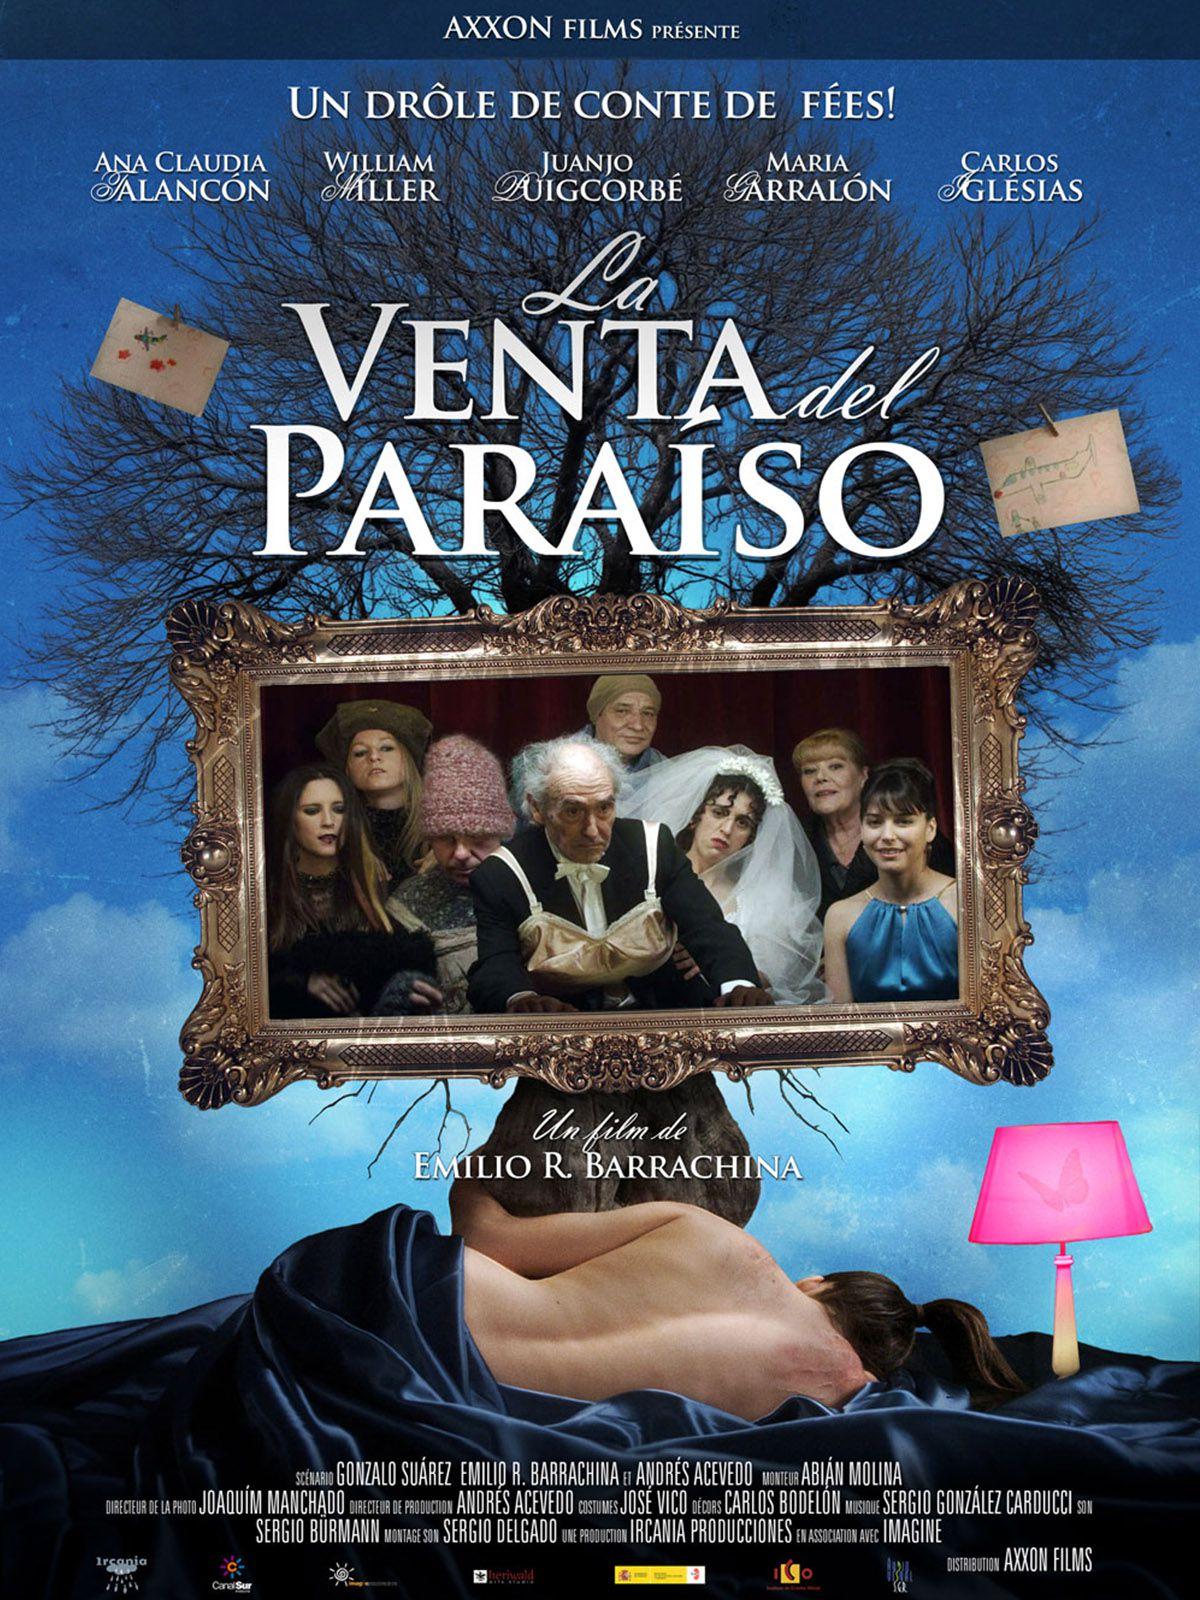 La venta del paraíso - Film (2013)